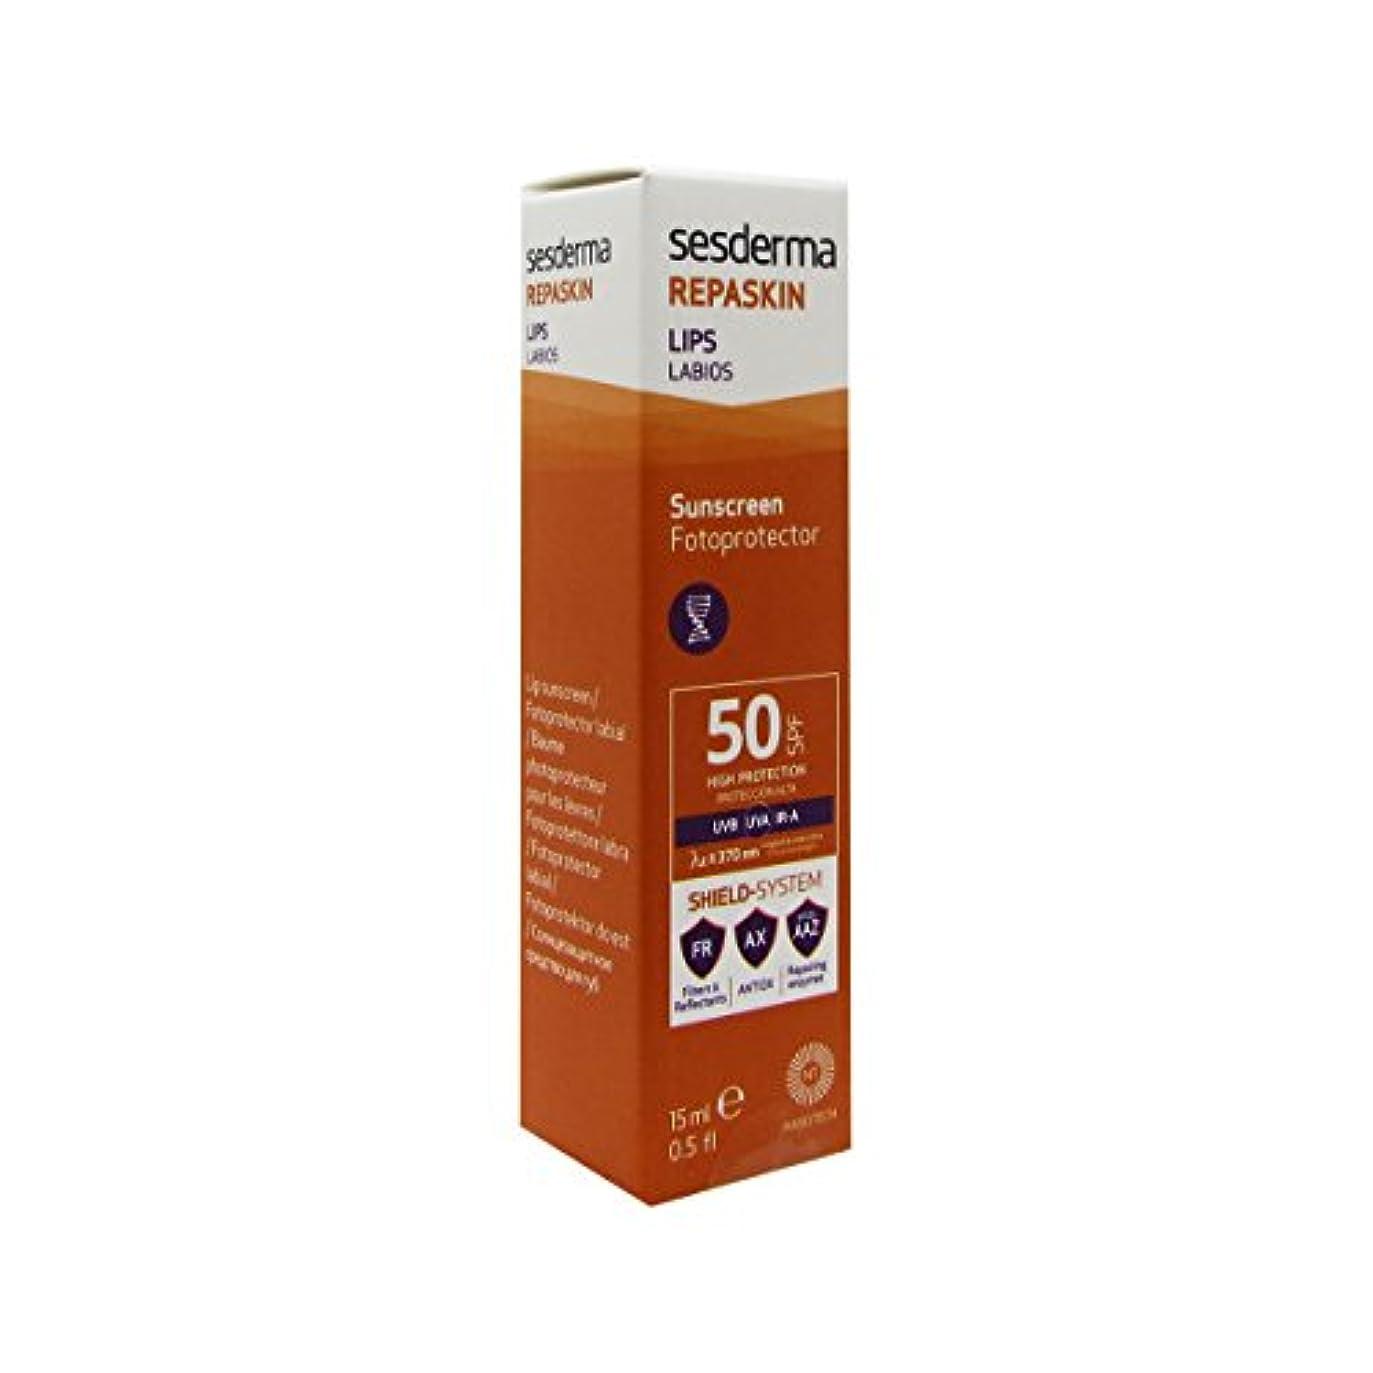 樹皮時刻表フィールドSesderma Repaskin Lips Spf50 15ml [並行輸入品]